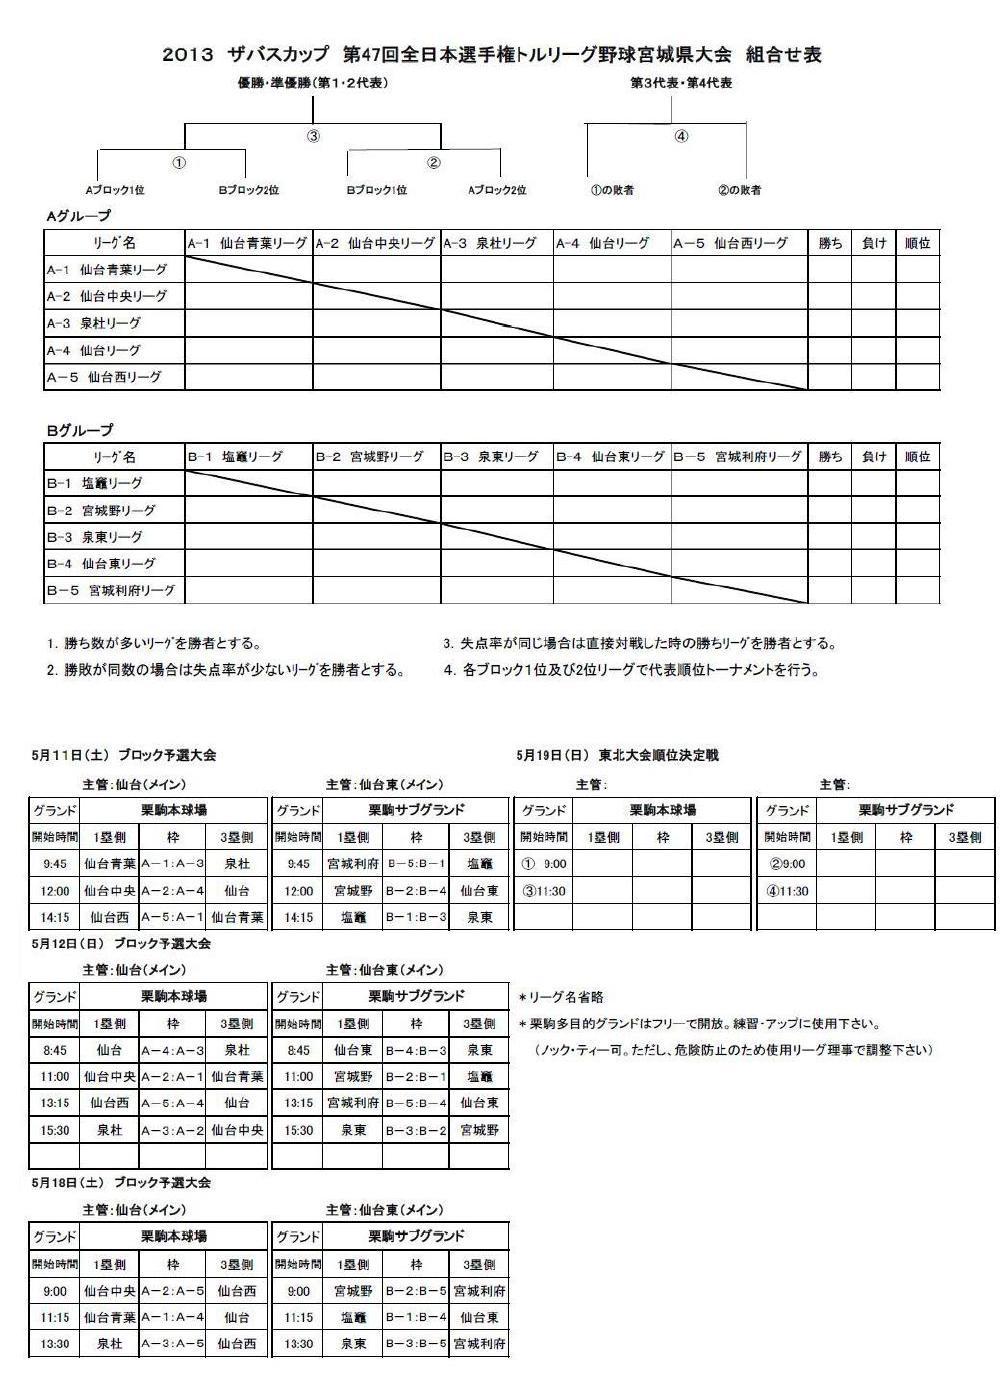 2013選手権宮城県大会 組み合わせ